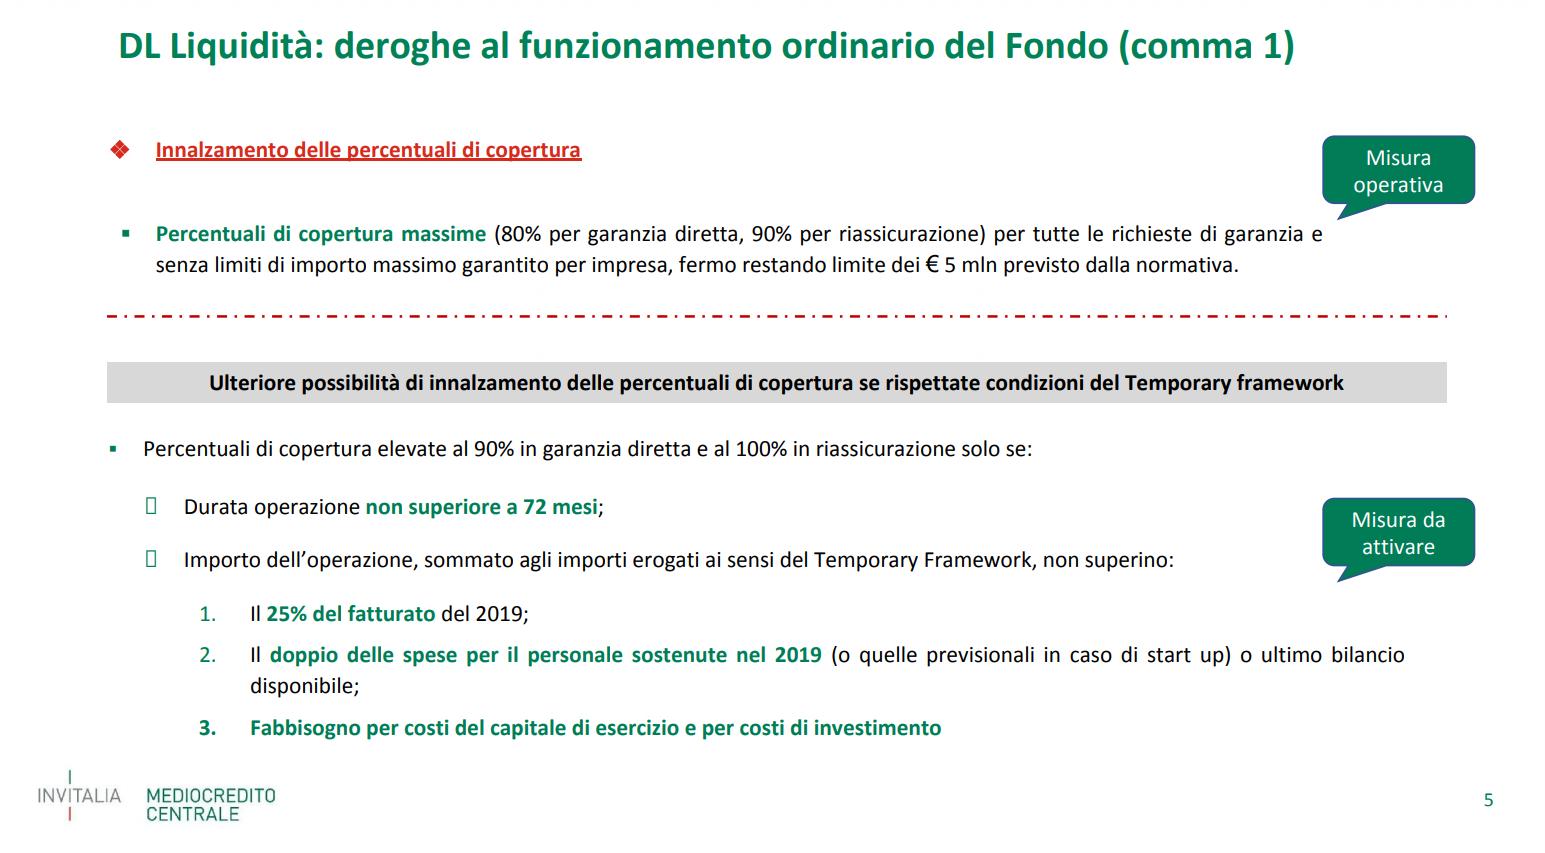 Fondo di garanzia PMI - slide di Mediocredito Centrale